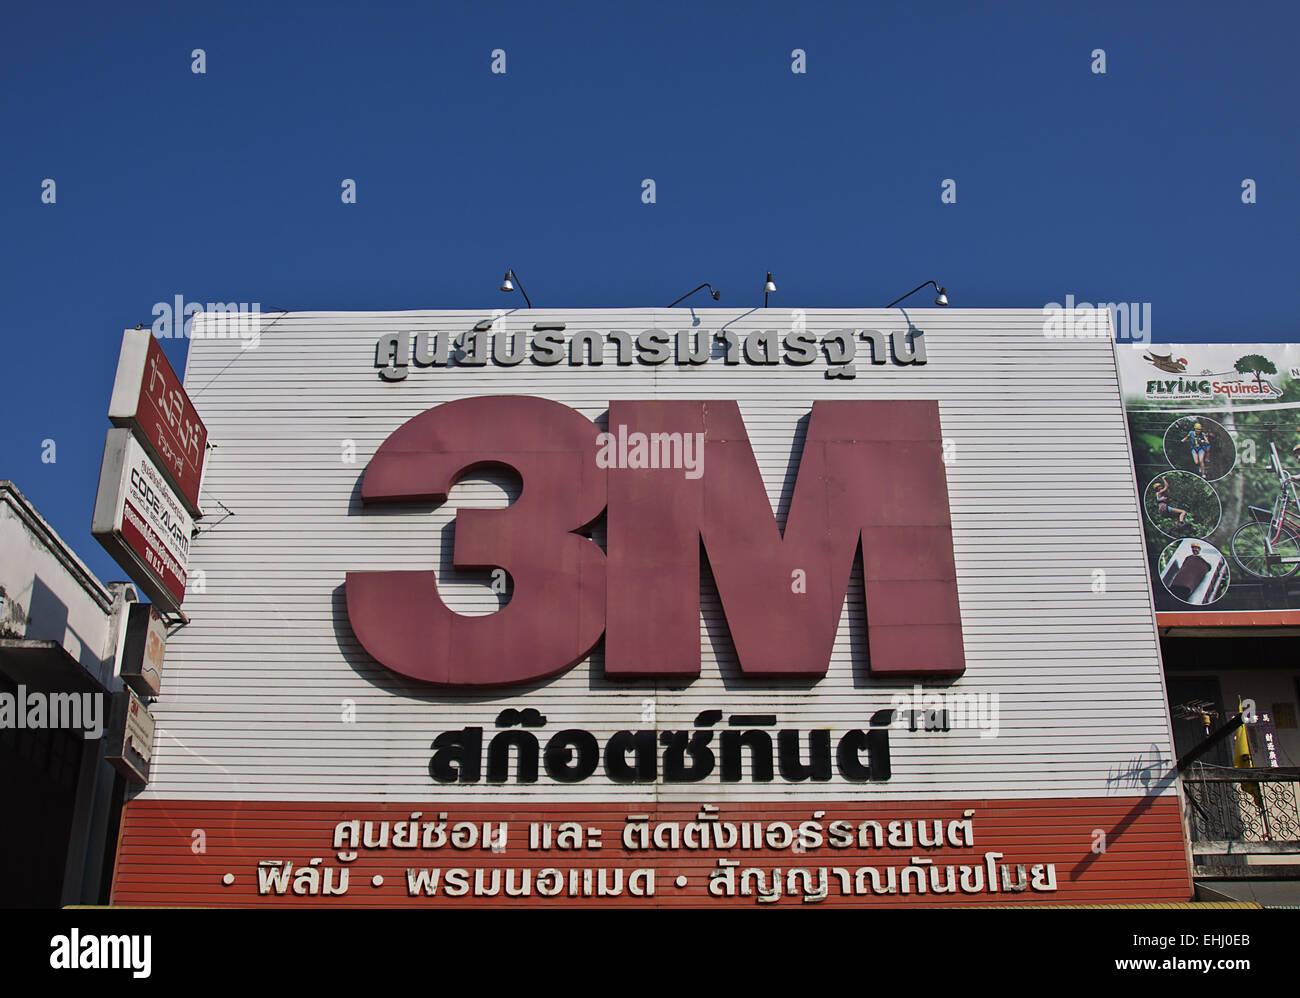 3M Stock Photo